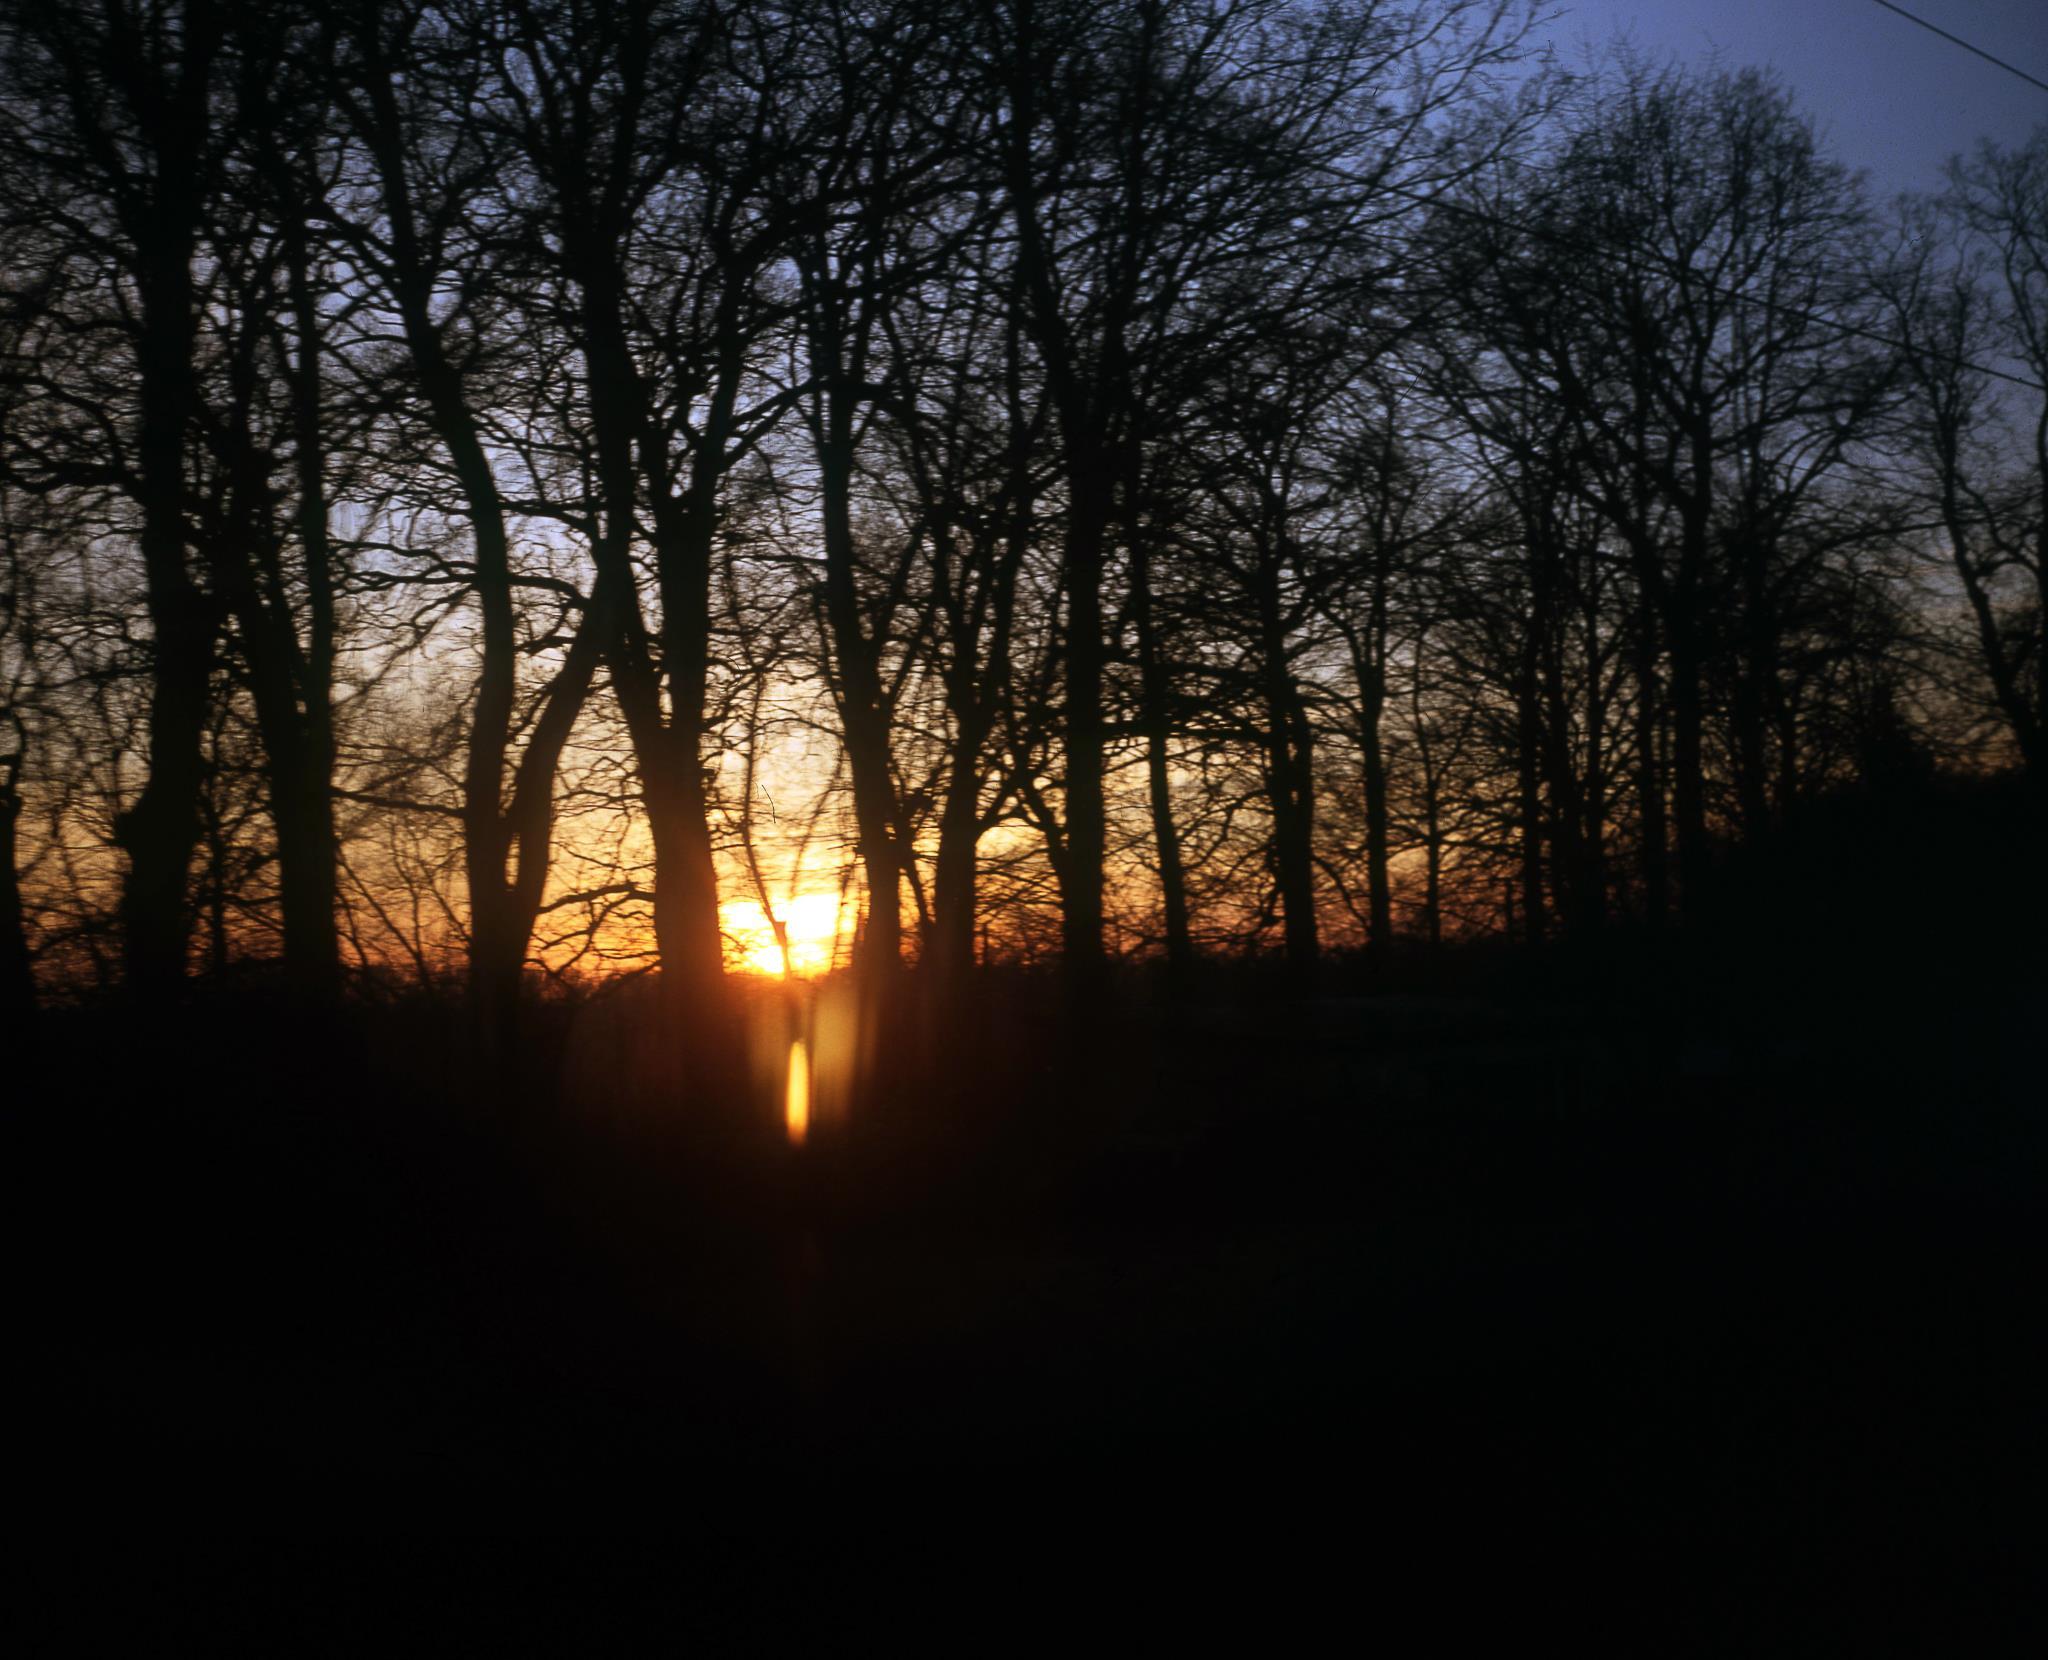 Sonnenfinsternis fotografieren: Das ist wichtig!